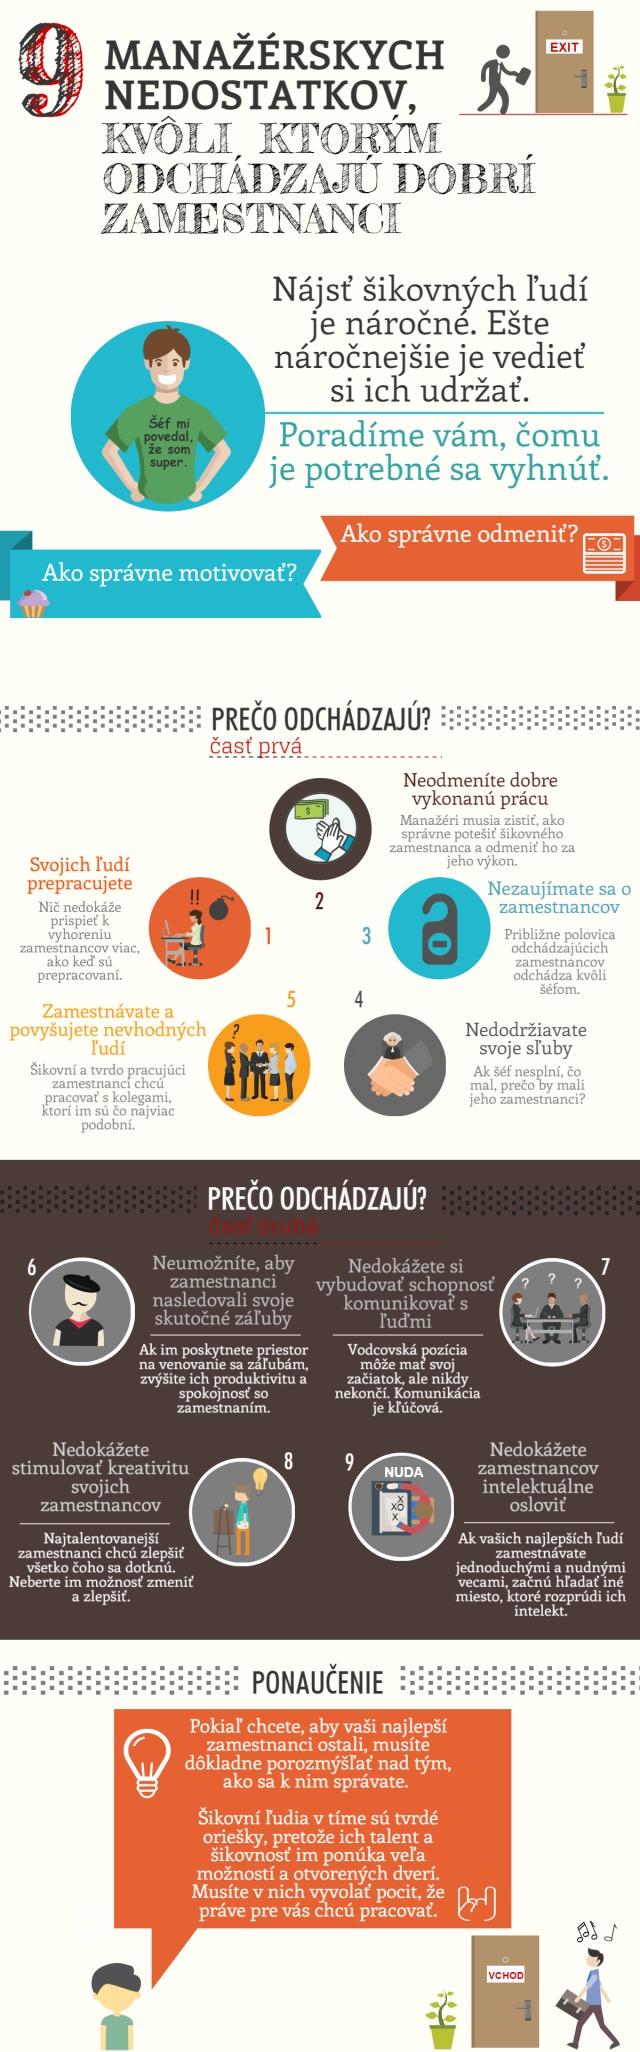 Infografika k článku 9 manažérskych nedostatkov, kvôli ktorým odchádzajú zamestnanci